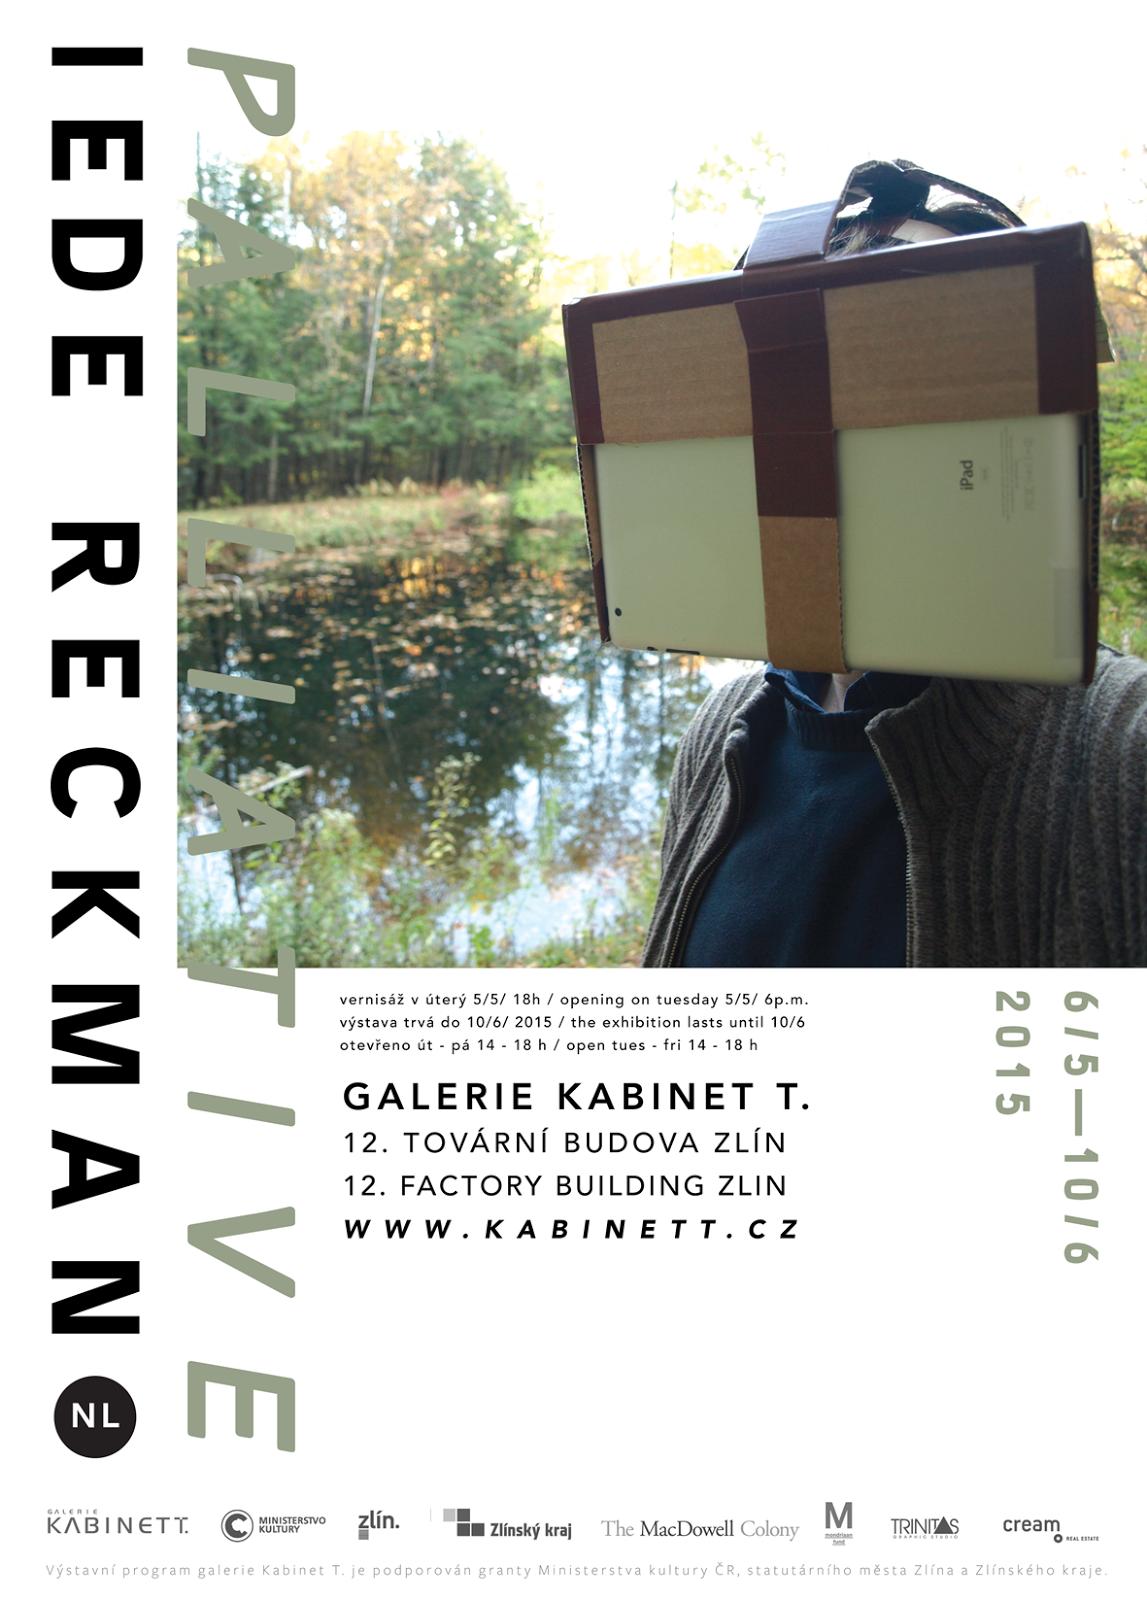 Palliative, Czech Republic, iede reckman, Kabinet T., Zlín, art, Billytown